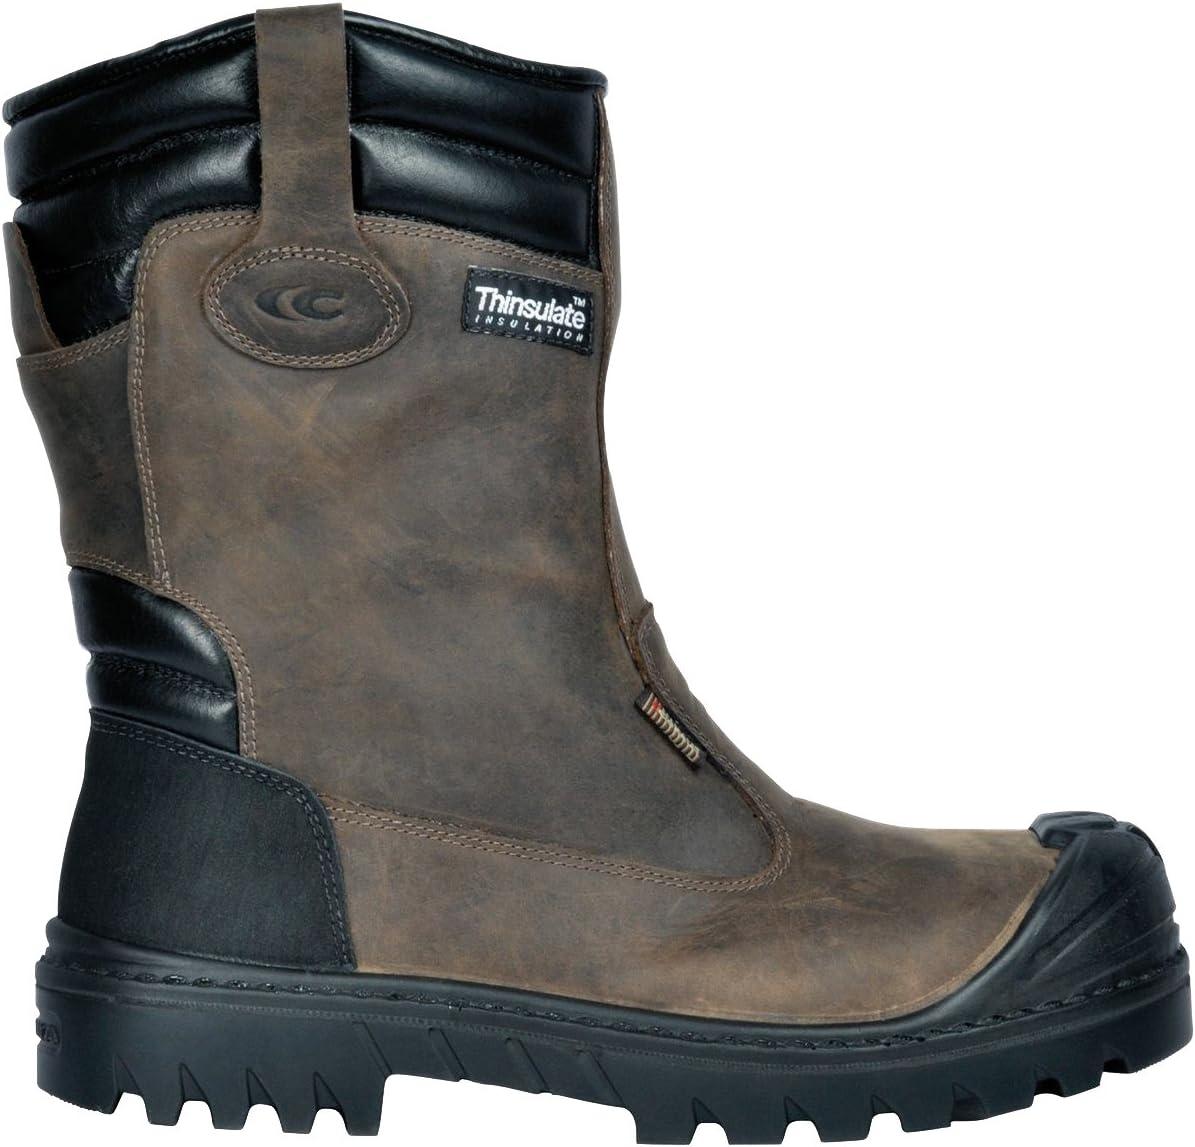 Color marr/ón /000.w45/Talla 45/UK S3/Ci HRO SRC baranof Zapatos de Seguridad Cofra 26550/